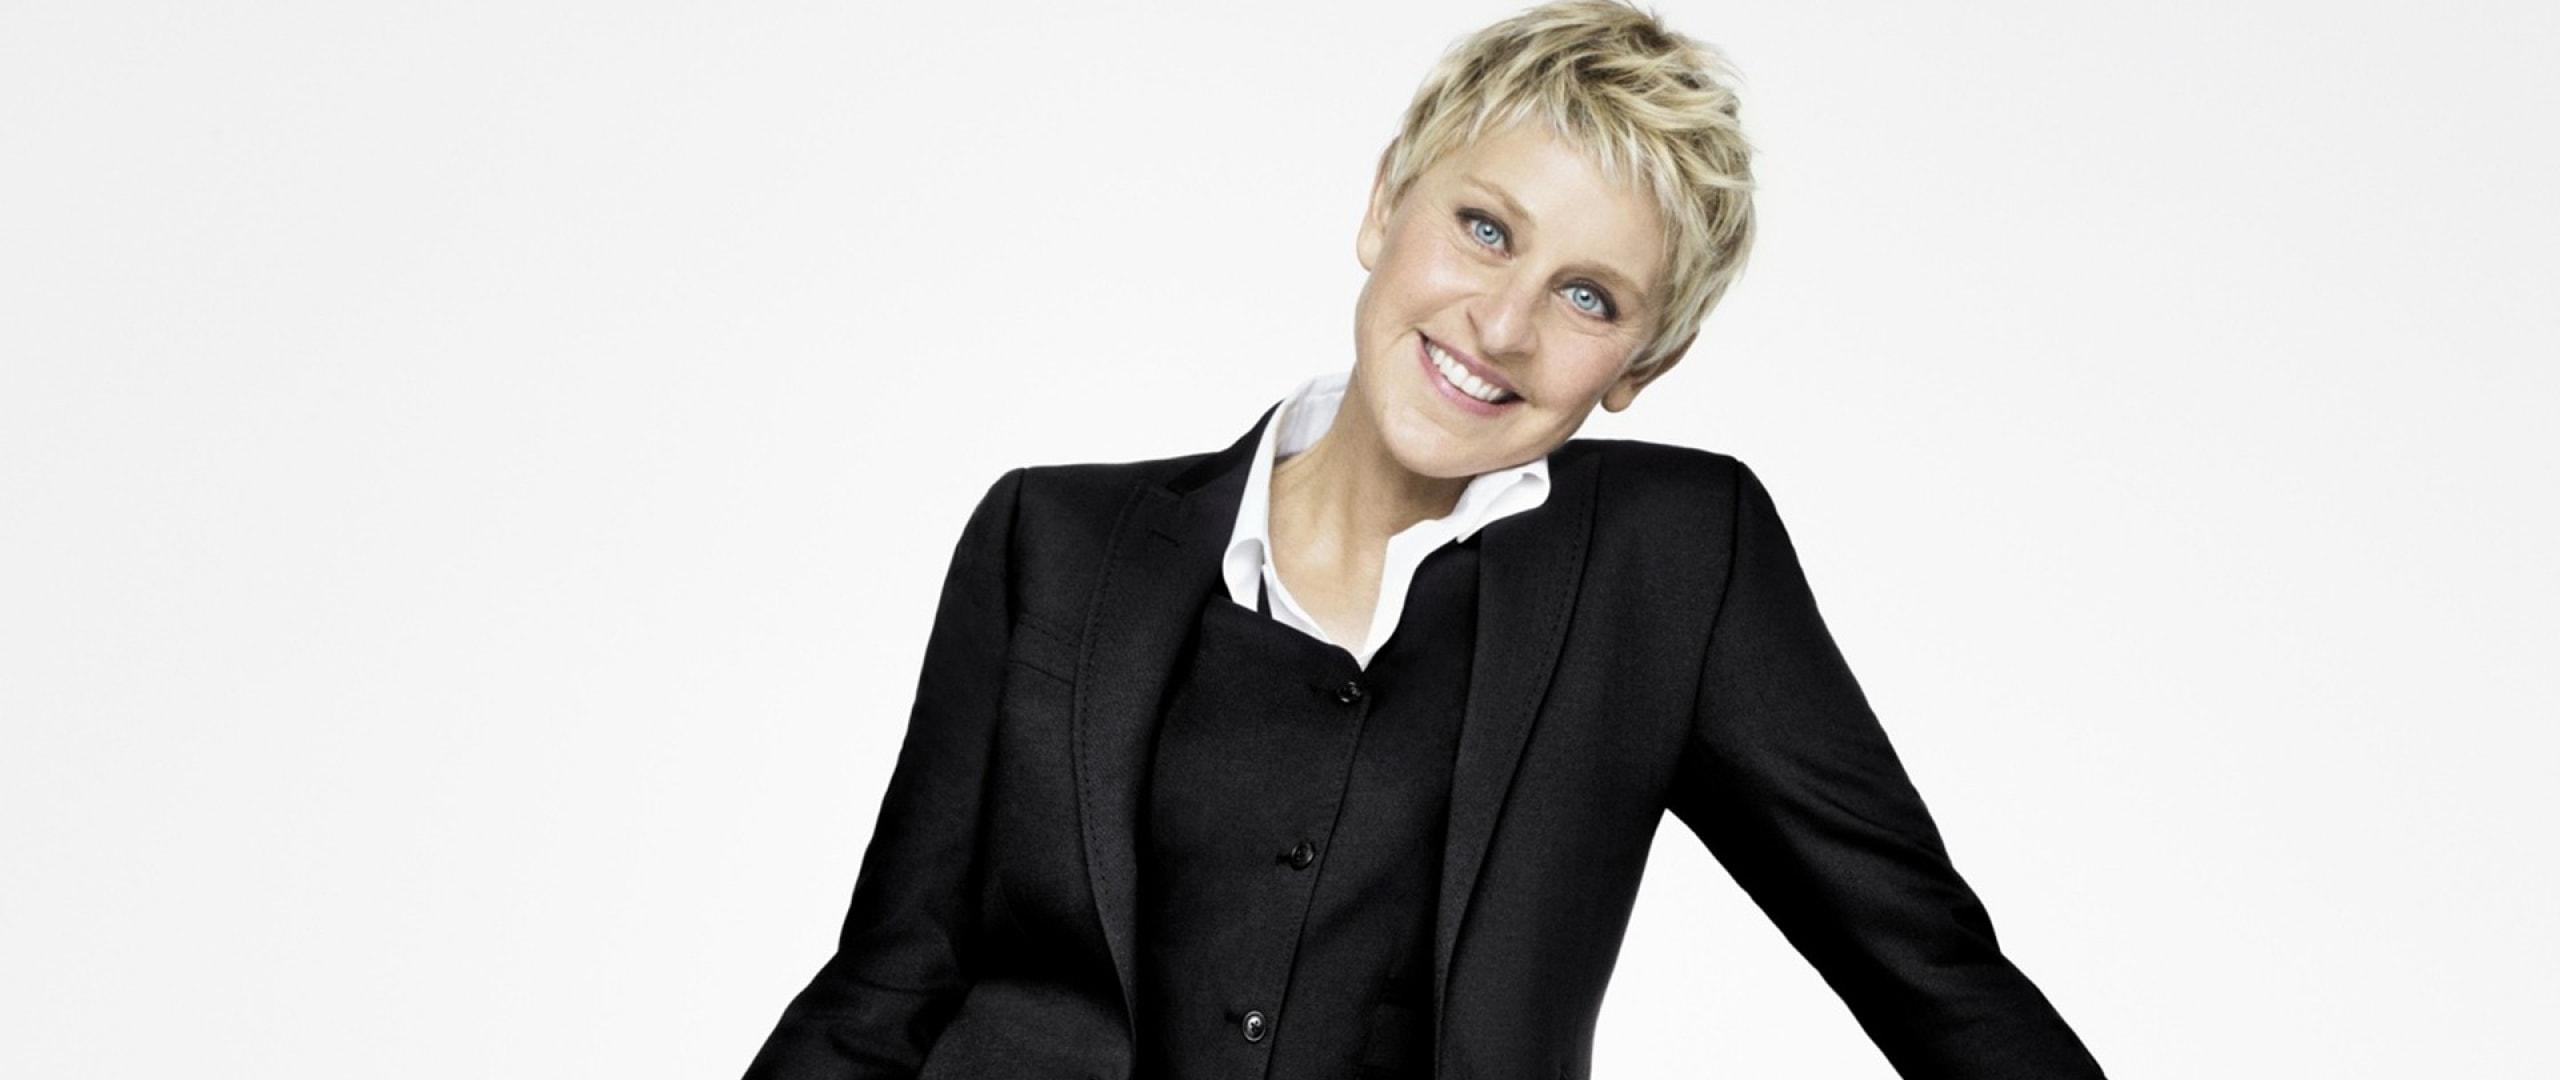 Ellen Degeneres HD pictures